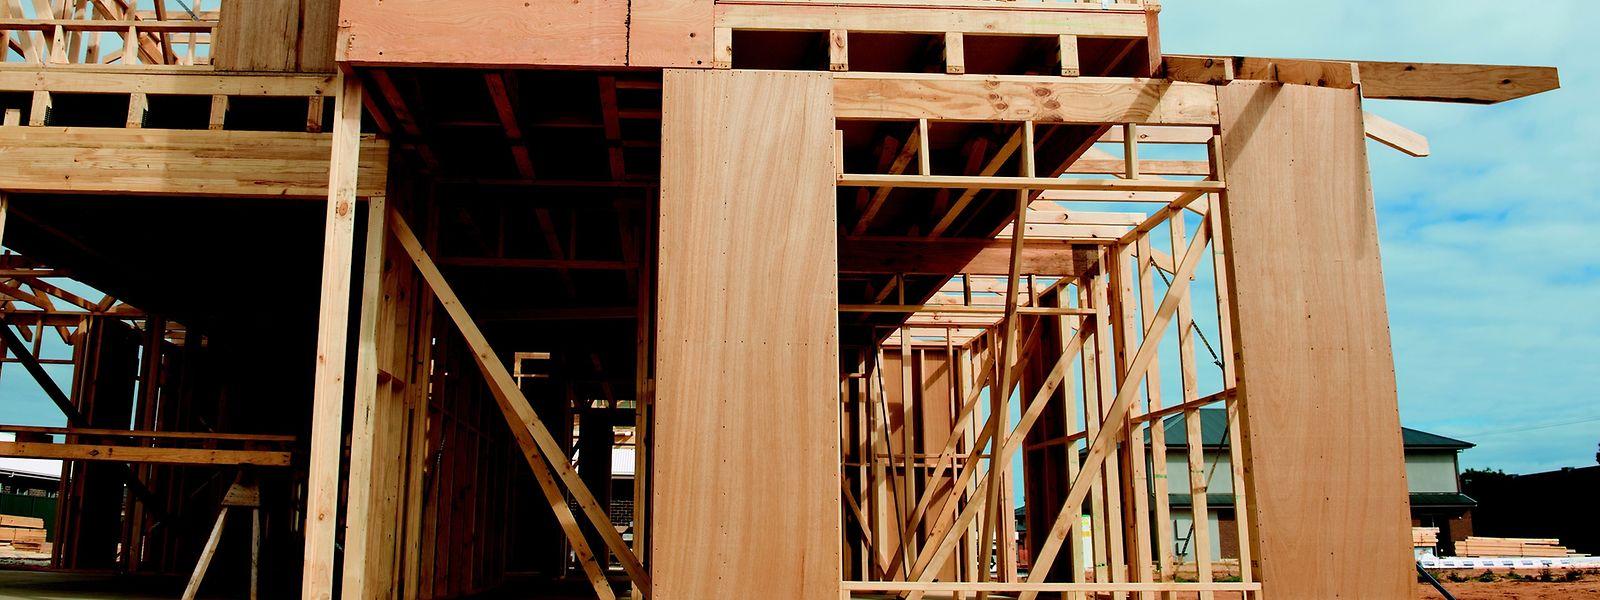 En 2025, un registre devrait recenser les matériaux utilisés lors de la construction de bâtiments.